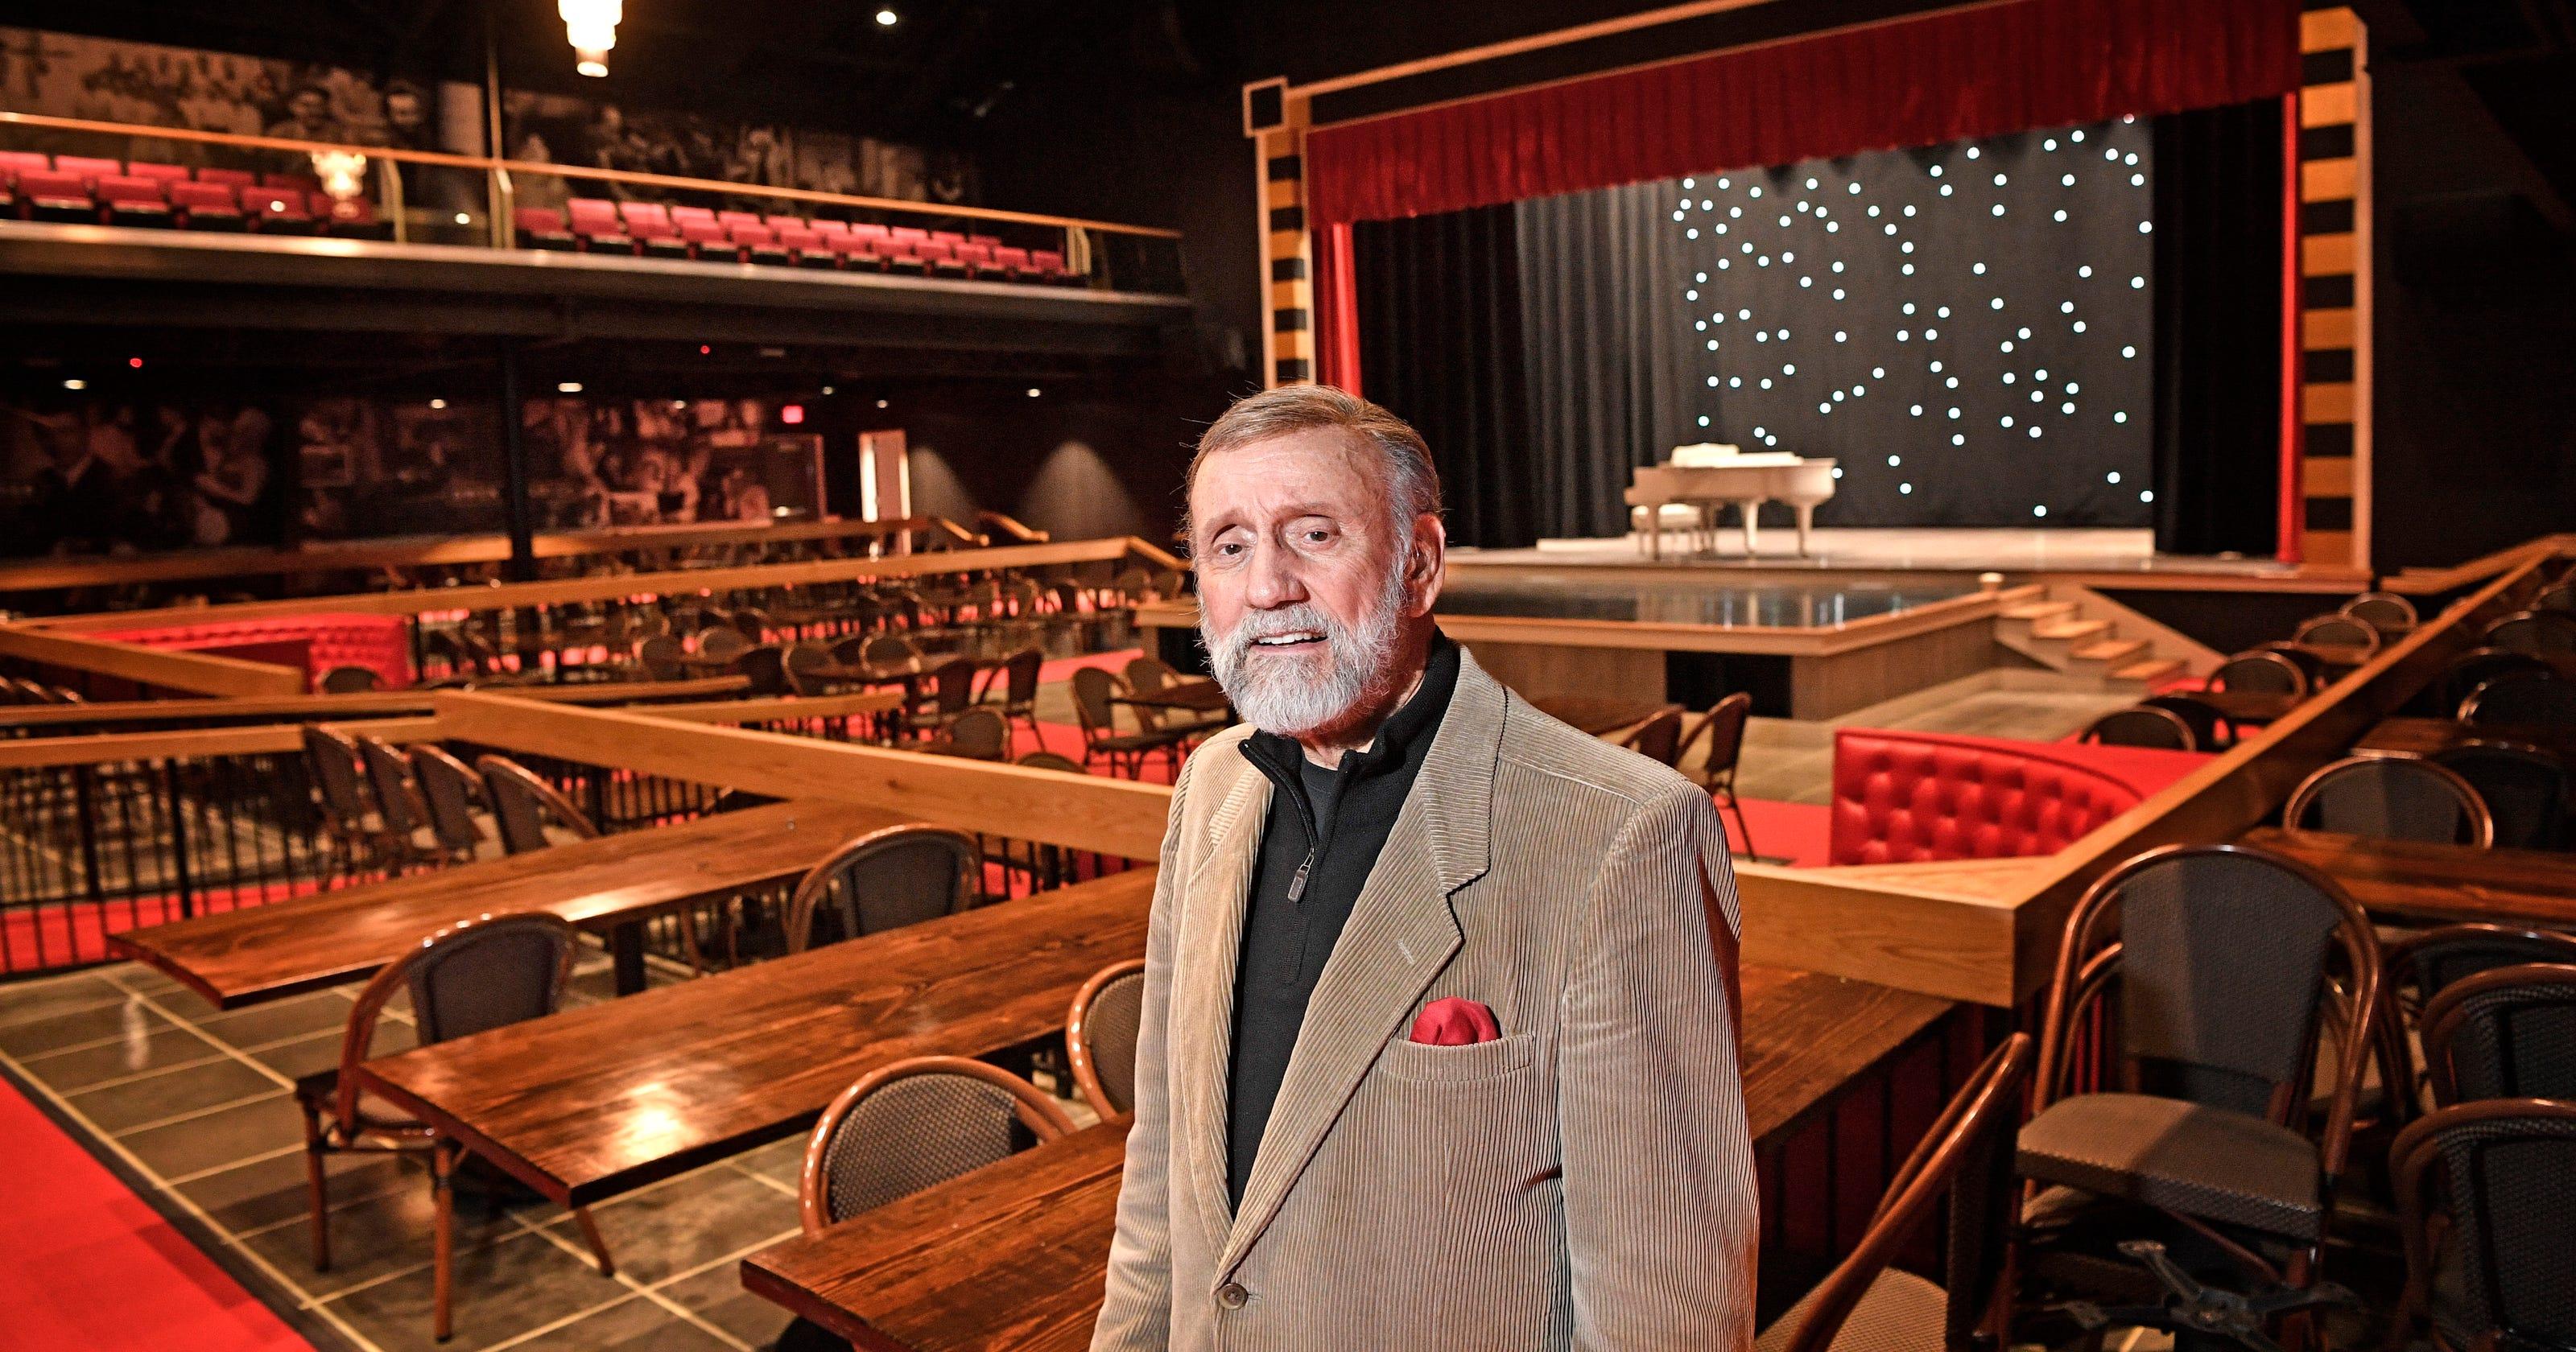 ray stevens opens new dinner theater in nashville - Ray Stevens Christmas Songs